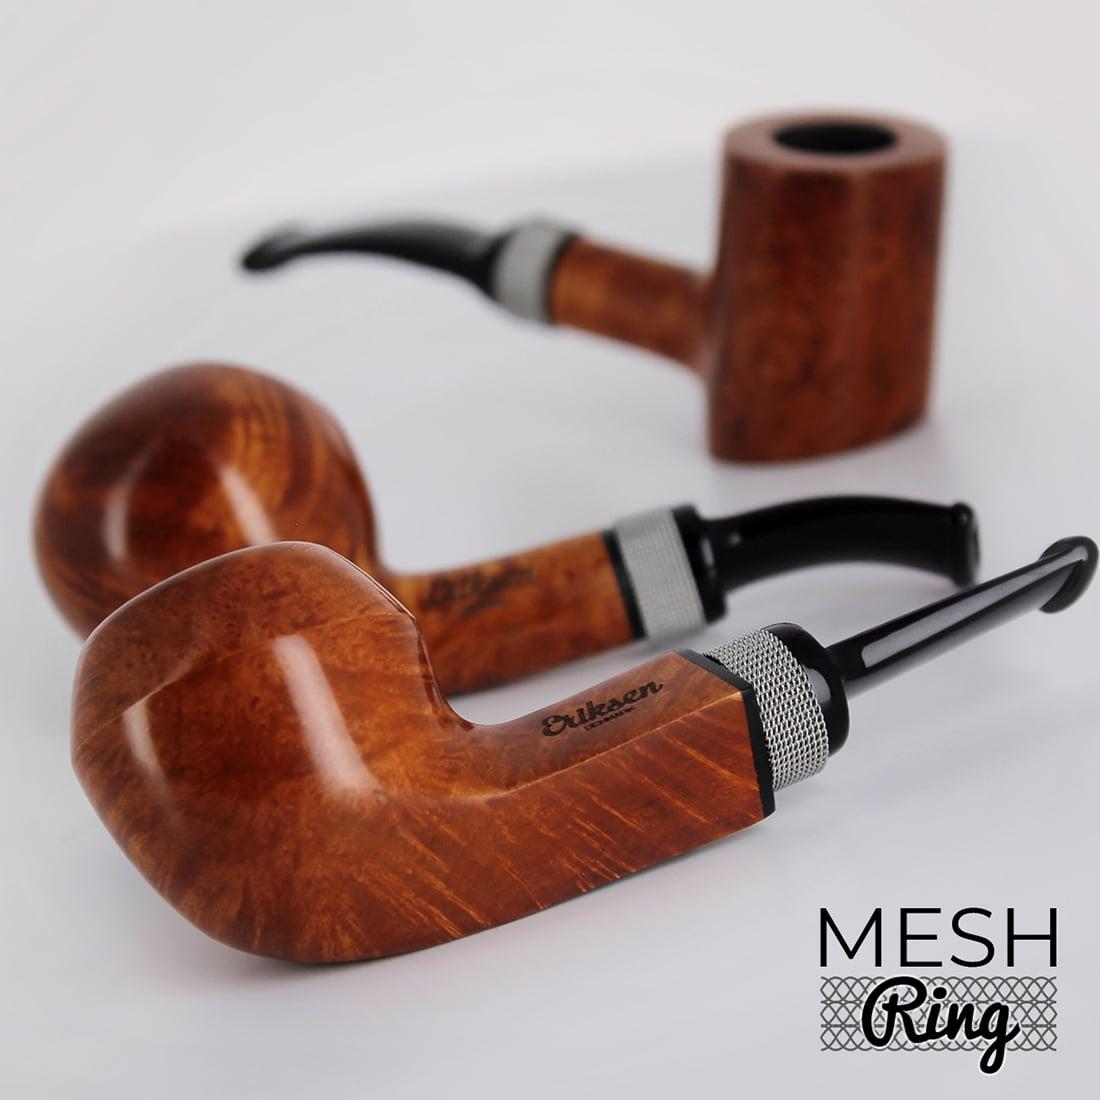 Photo #3 de Pipe Nording Eriksen Mesh Ring Courbée Noire